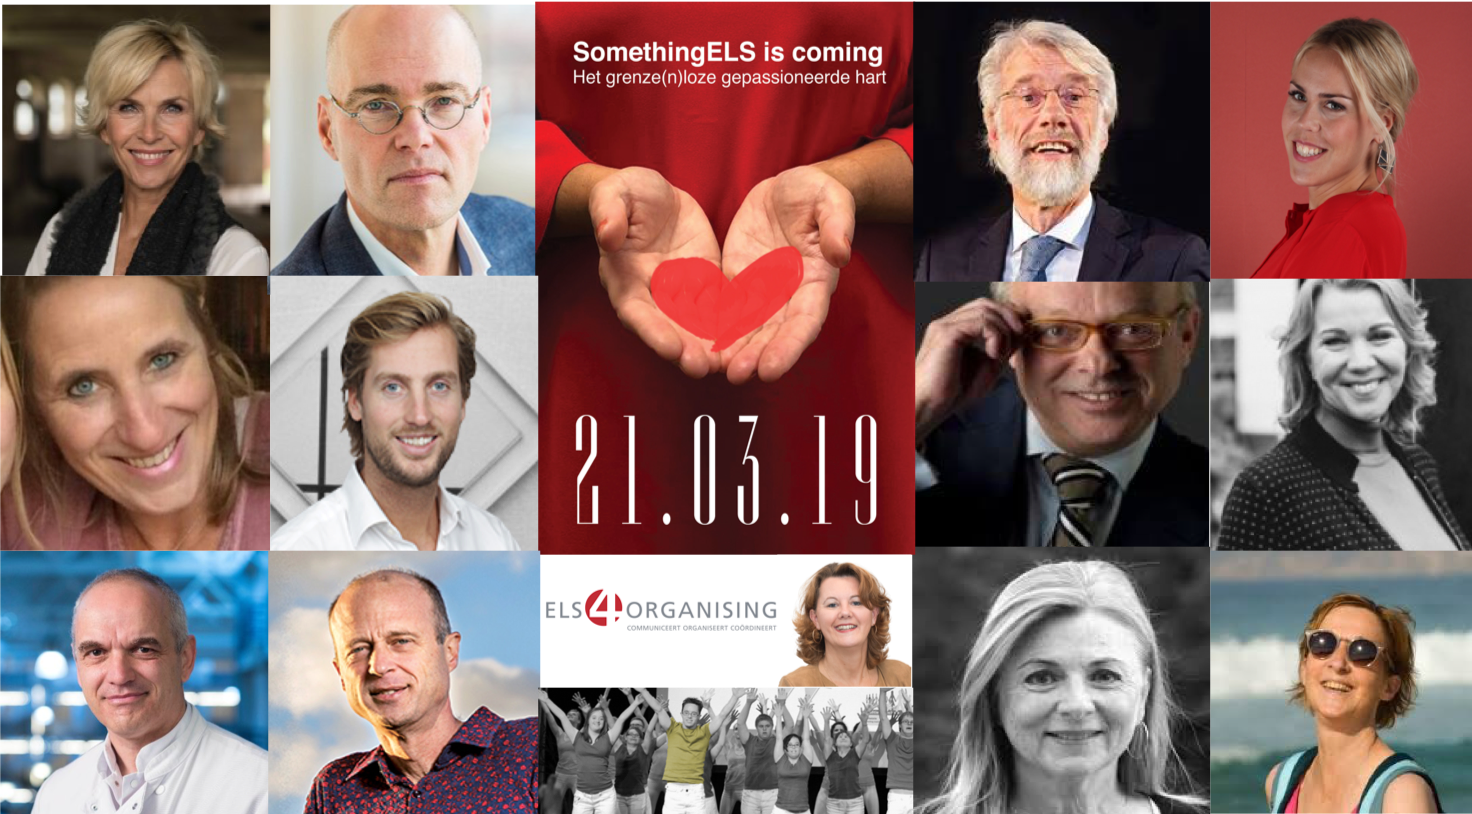 (Nederlands) SomethingELS event - donderdagmiddag 21 maart 2019